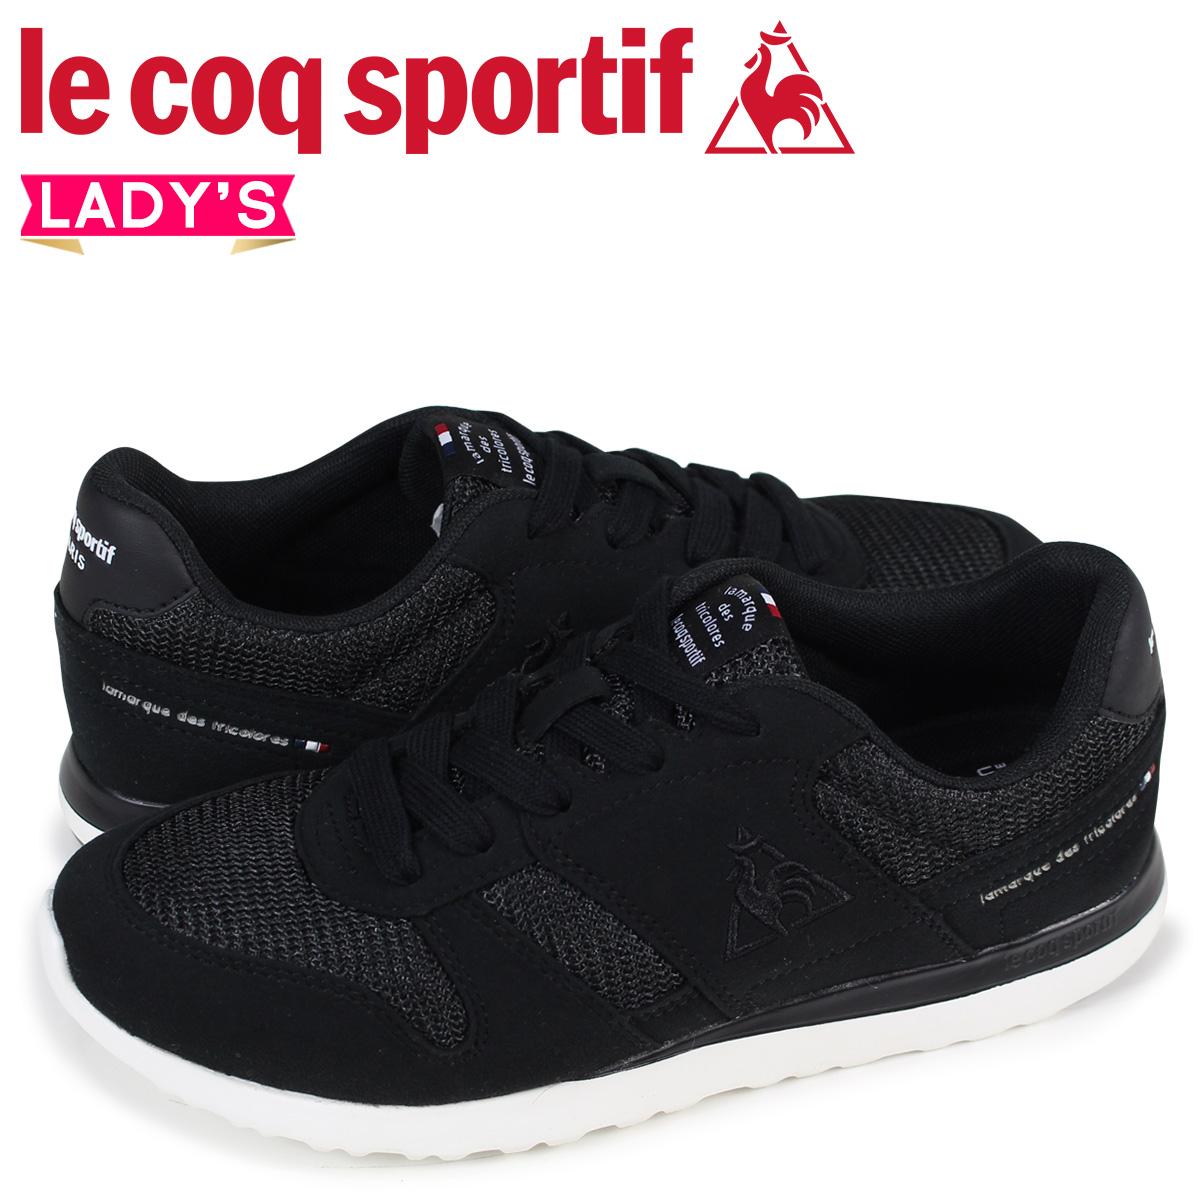 le coq sportif LA SEINE ルコック スポルティフ スニーカー レディース セーヌ ブラック 黒 QFM-7303BB:ALLSPORTS